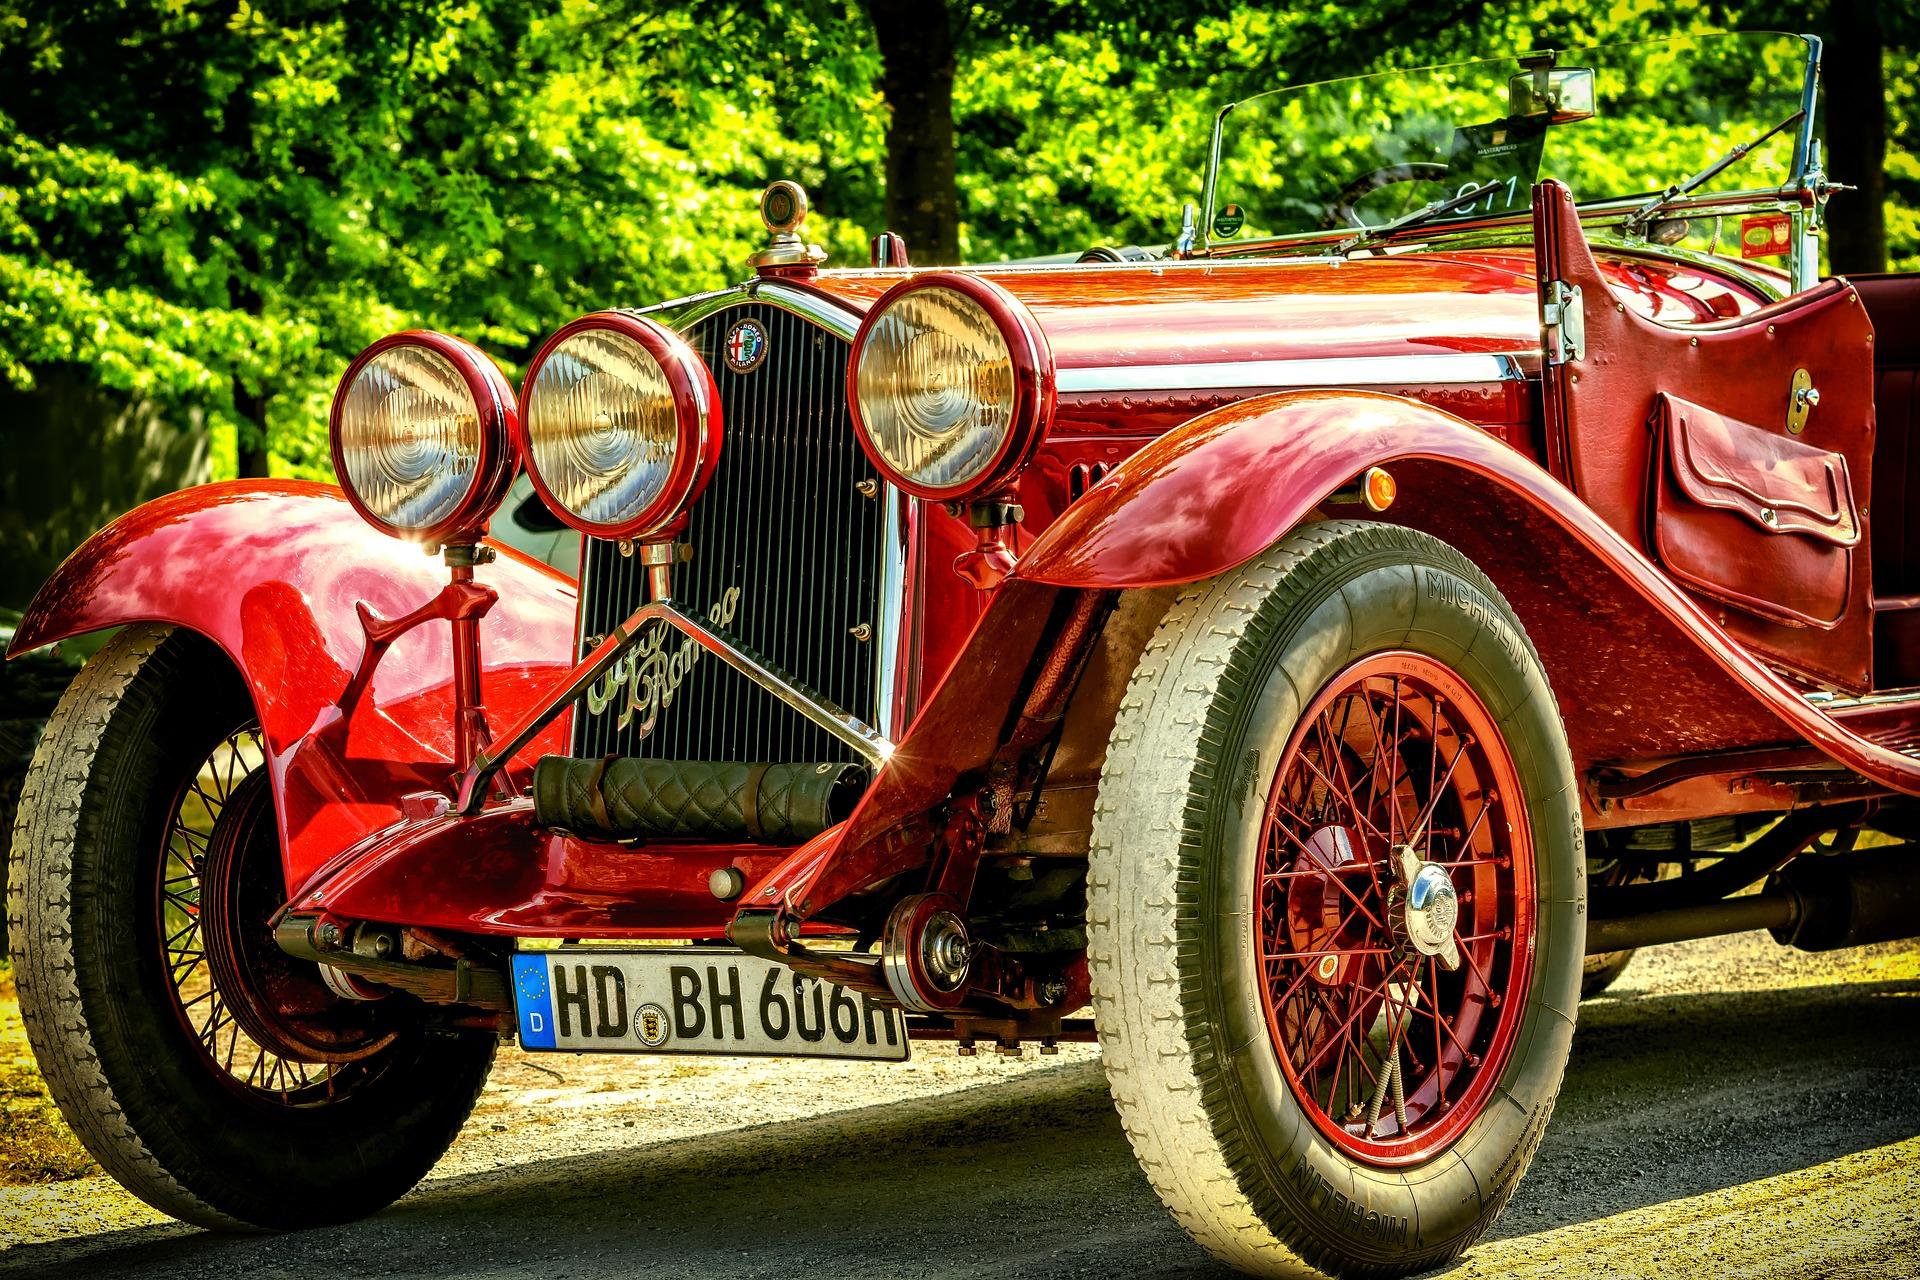 alfa romeo, historical car, museum history, Italy